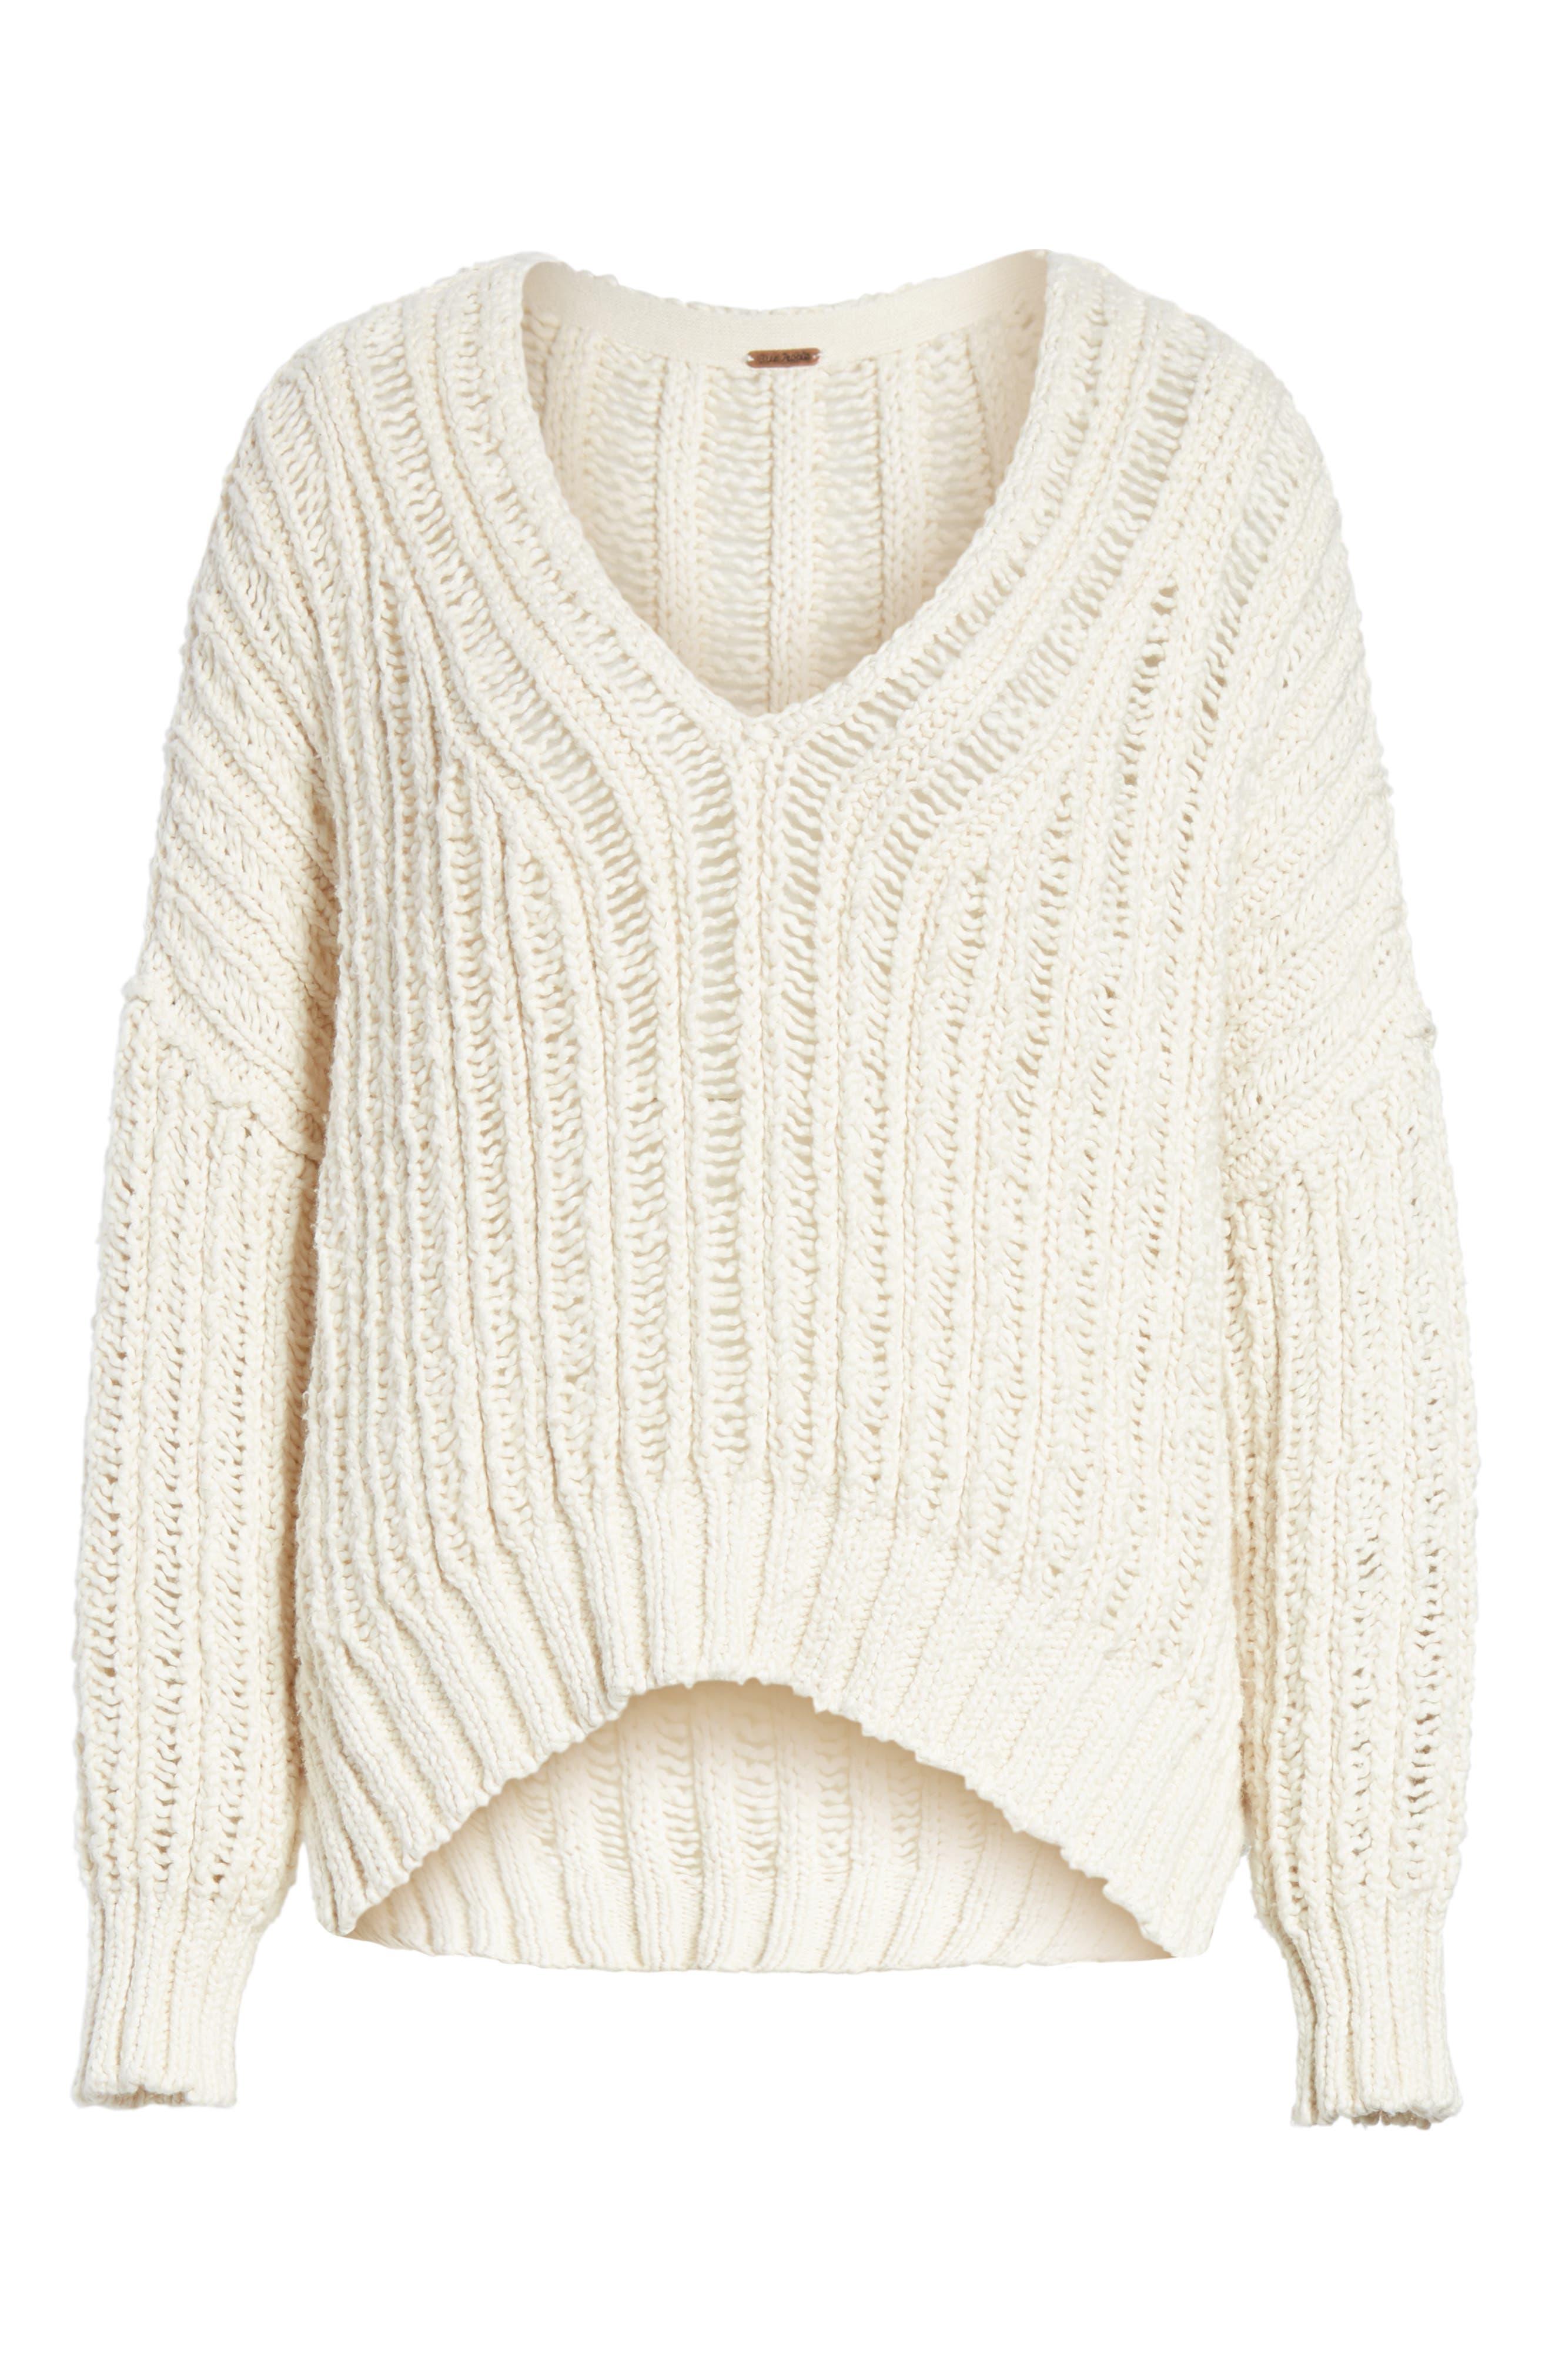 Infinite V-Neck Sweater,                             Alternate thumbnail 6, color,                             Ivory